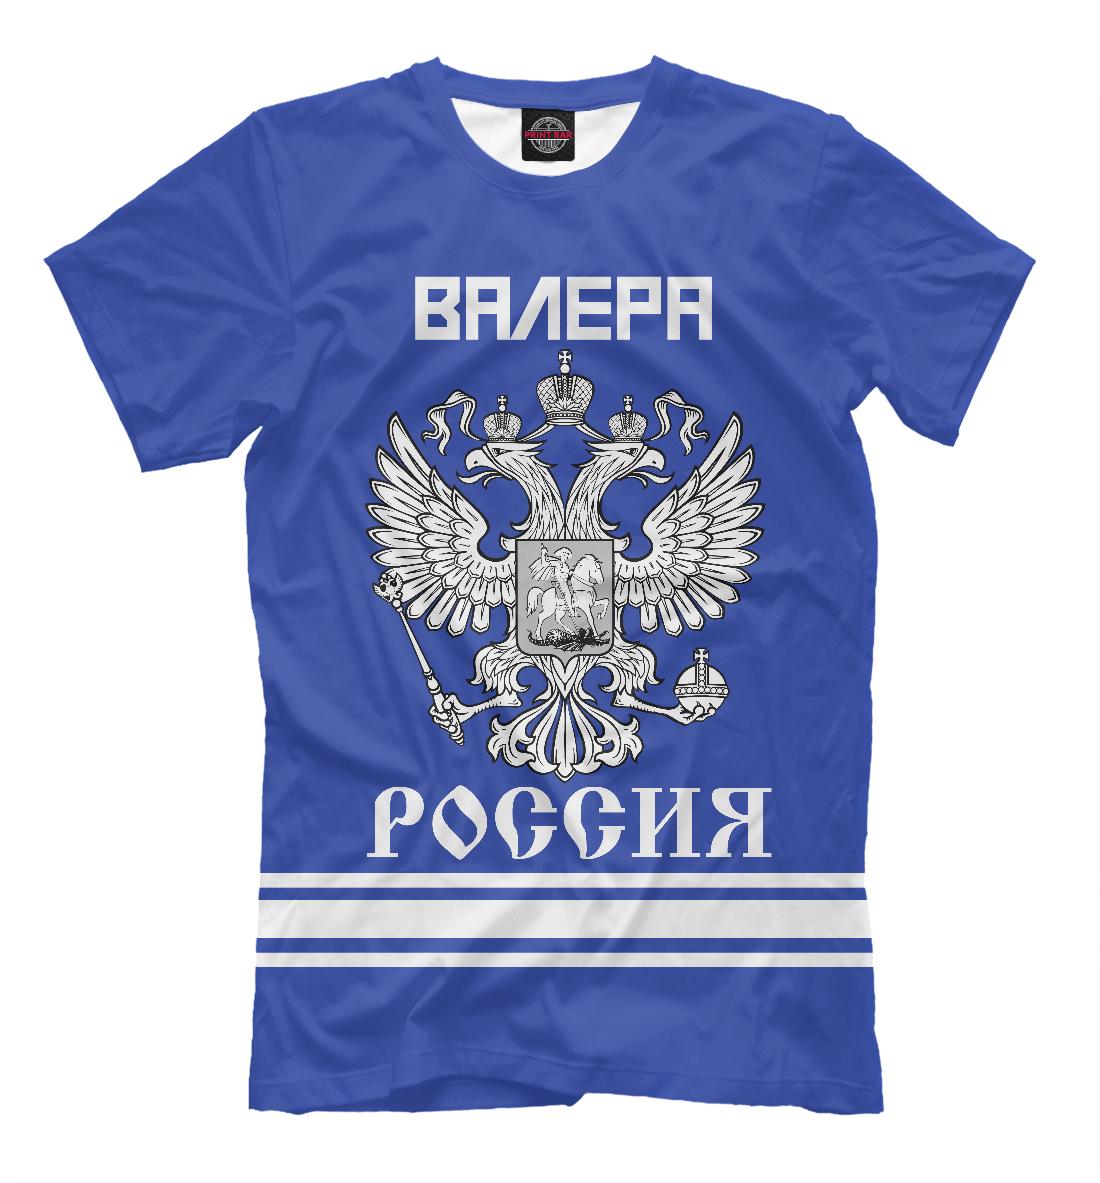 Купить ВАЛЕРА sport russia collection, Printbar, Футболки, VLR-458019-fut-2